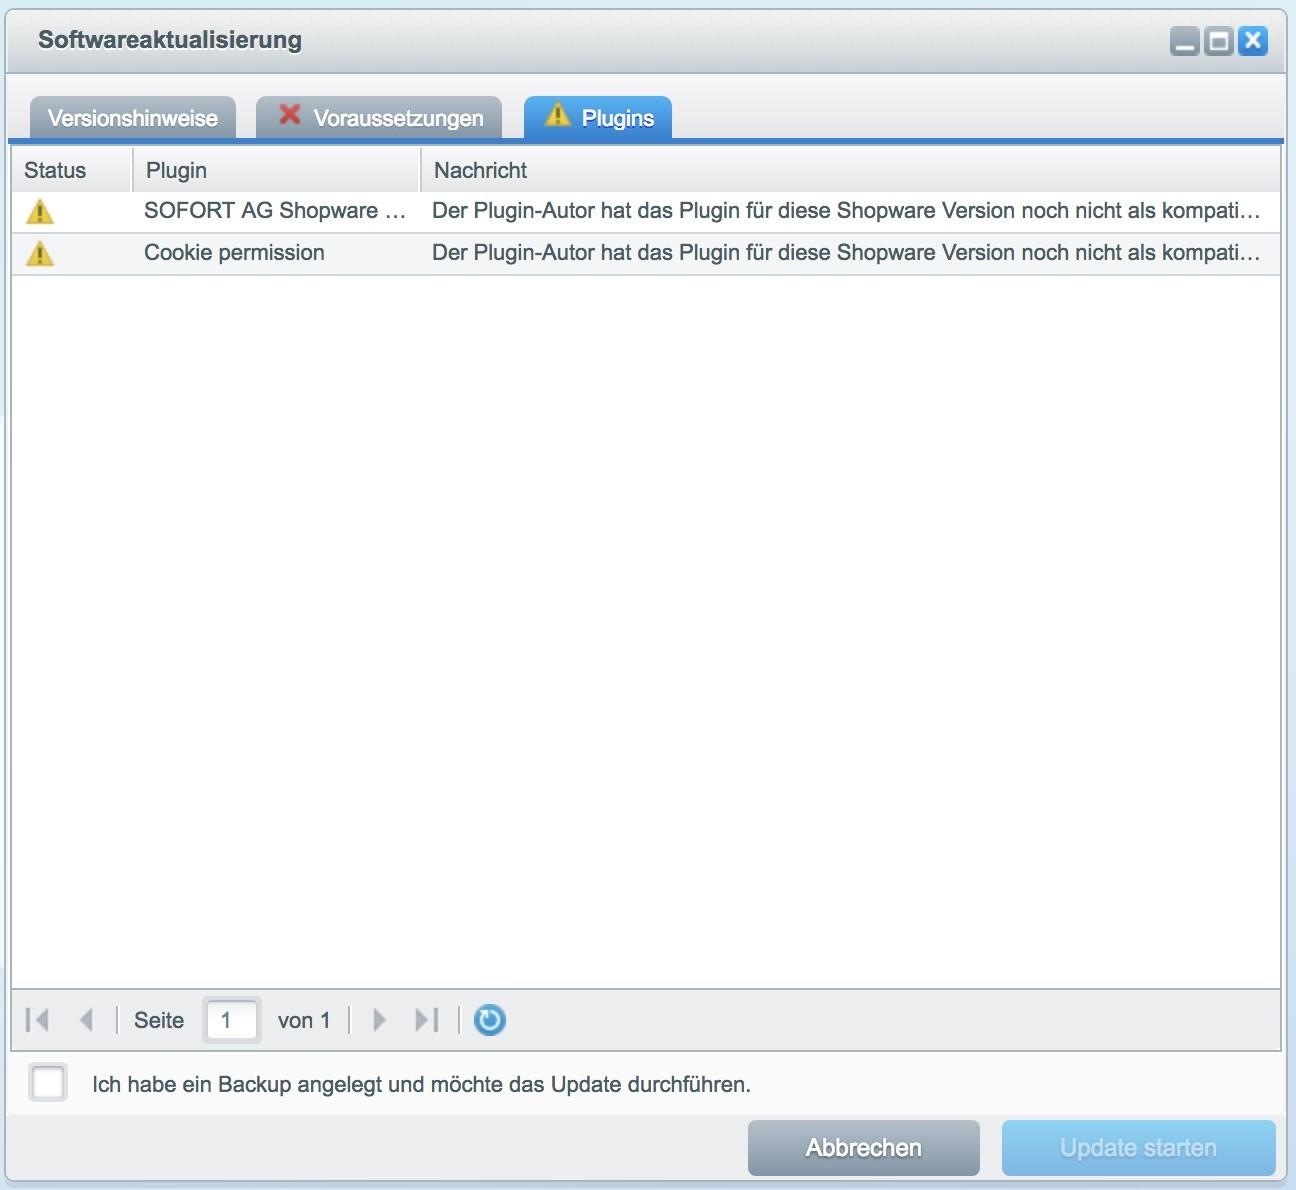 Shopware Update auf Shopware 5 - SOFORT und Cookie Plugin